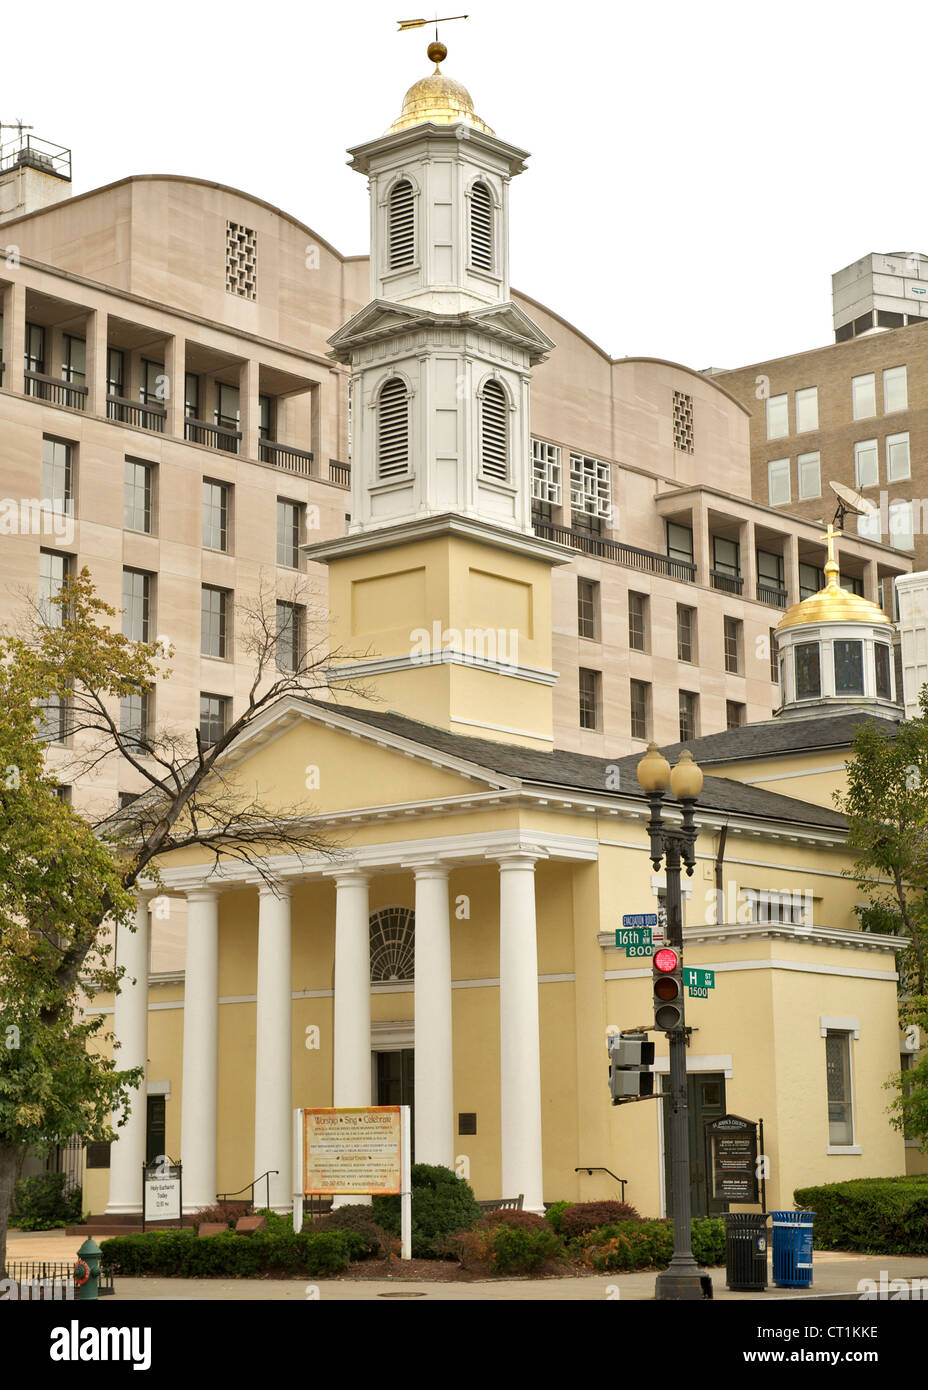 St John's Church in Washington DC, USA. - Stock Image